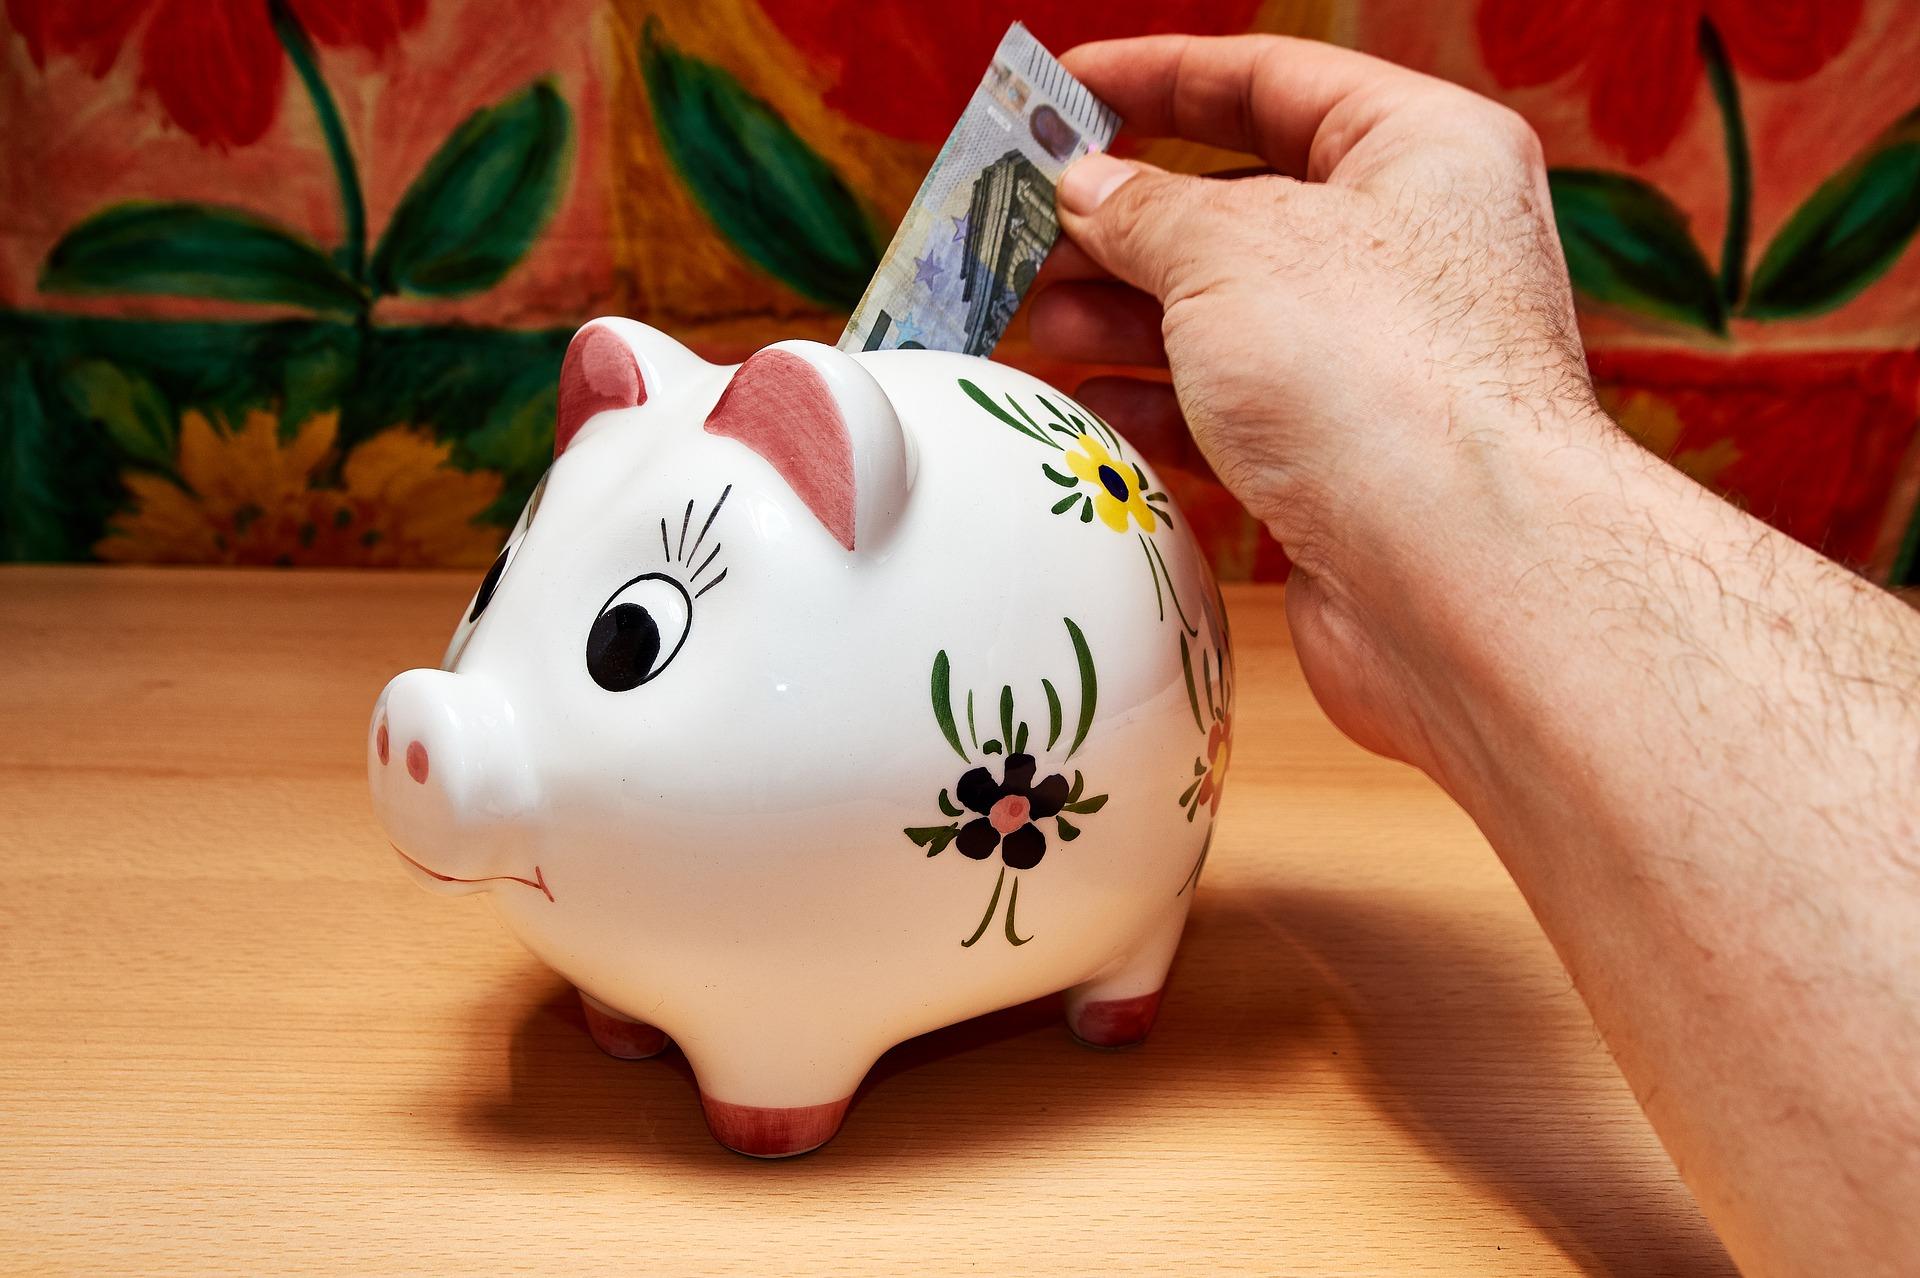 geld lenen alternatieven